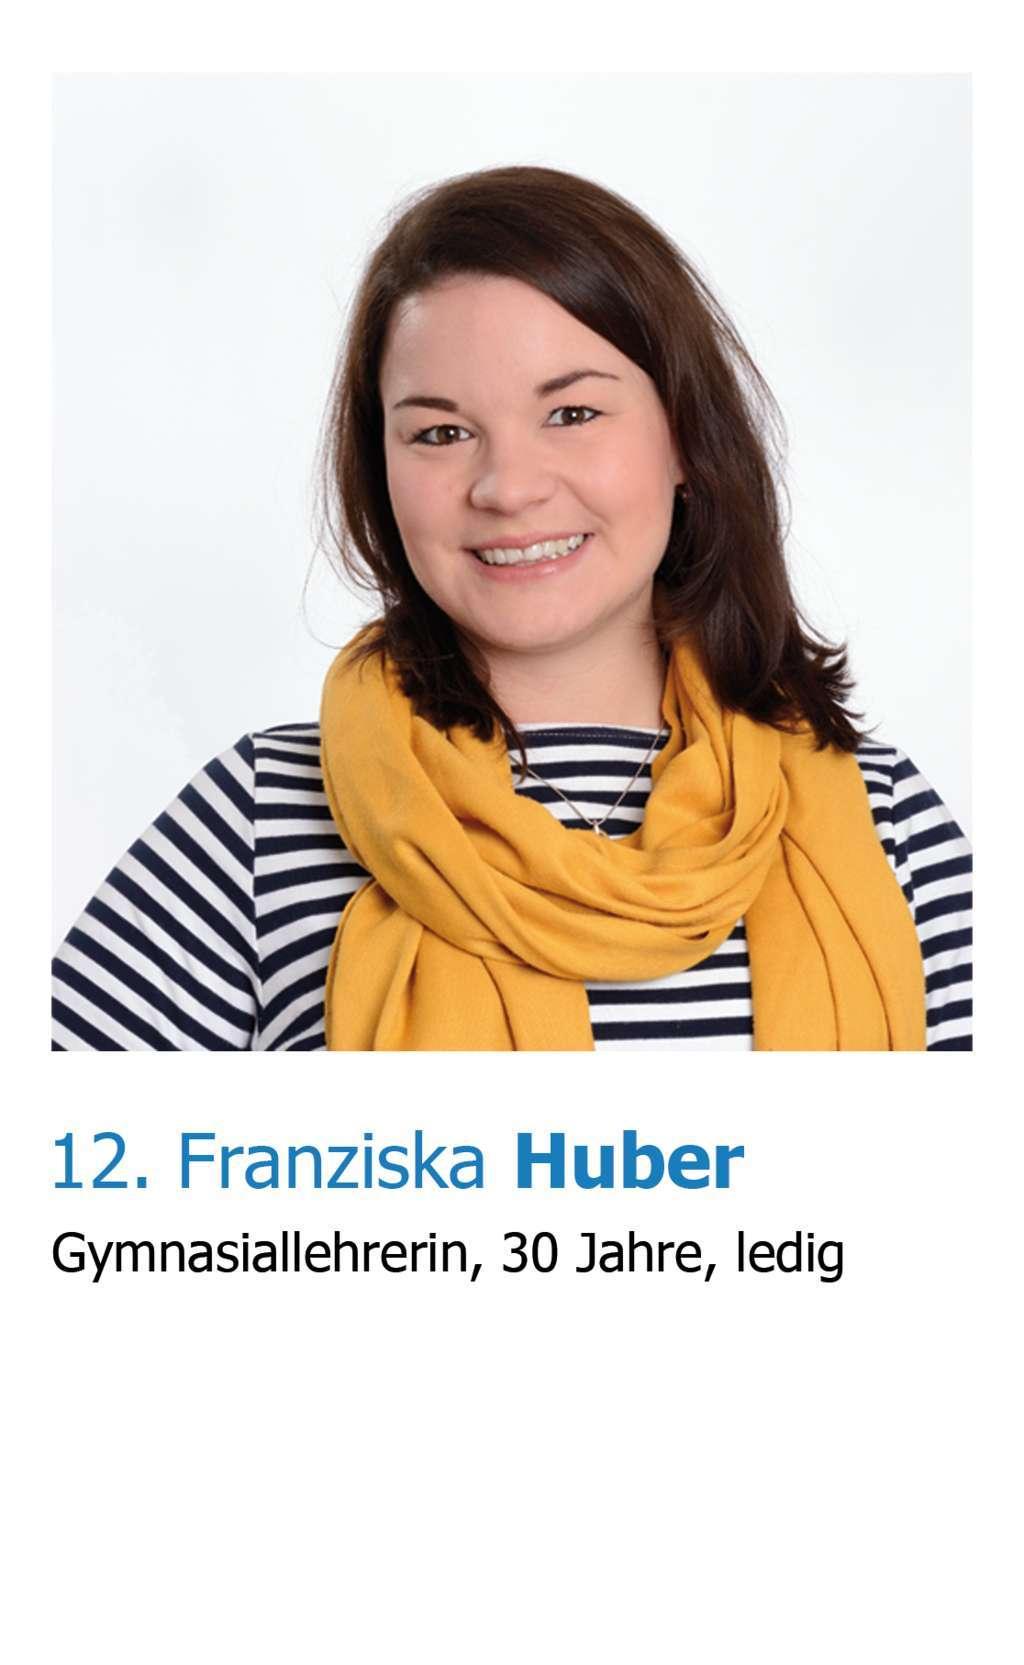 Franziska Huber